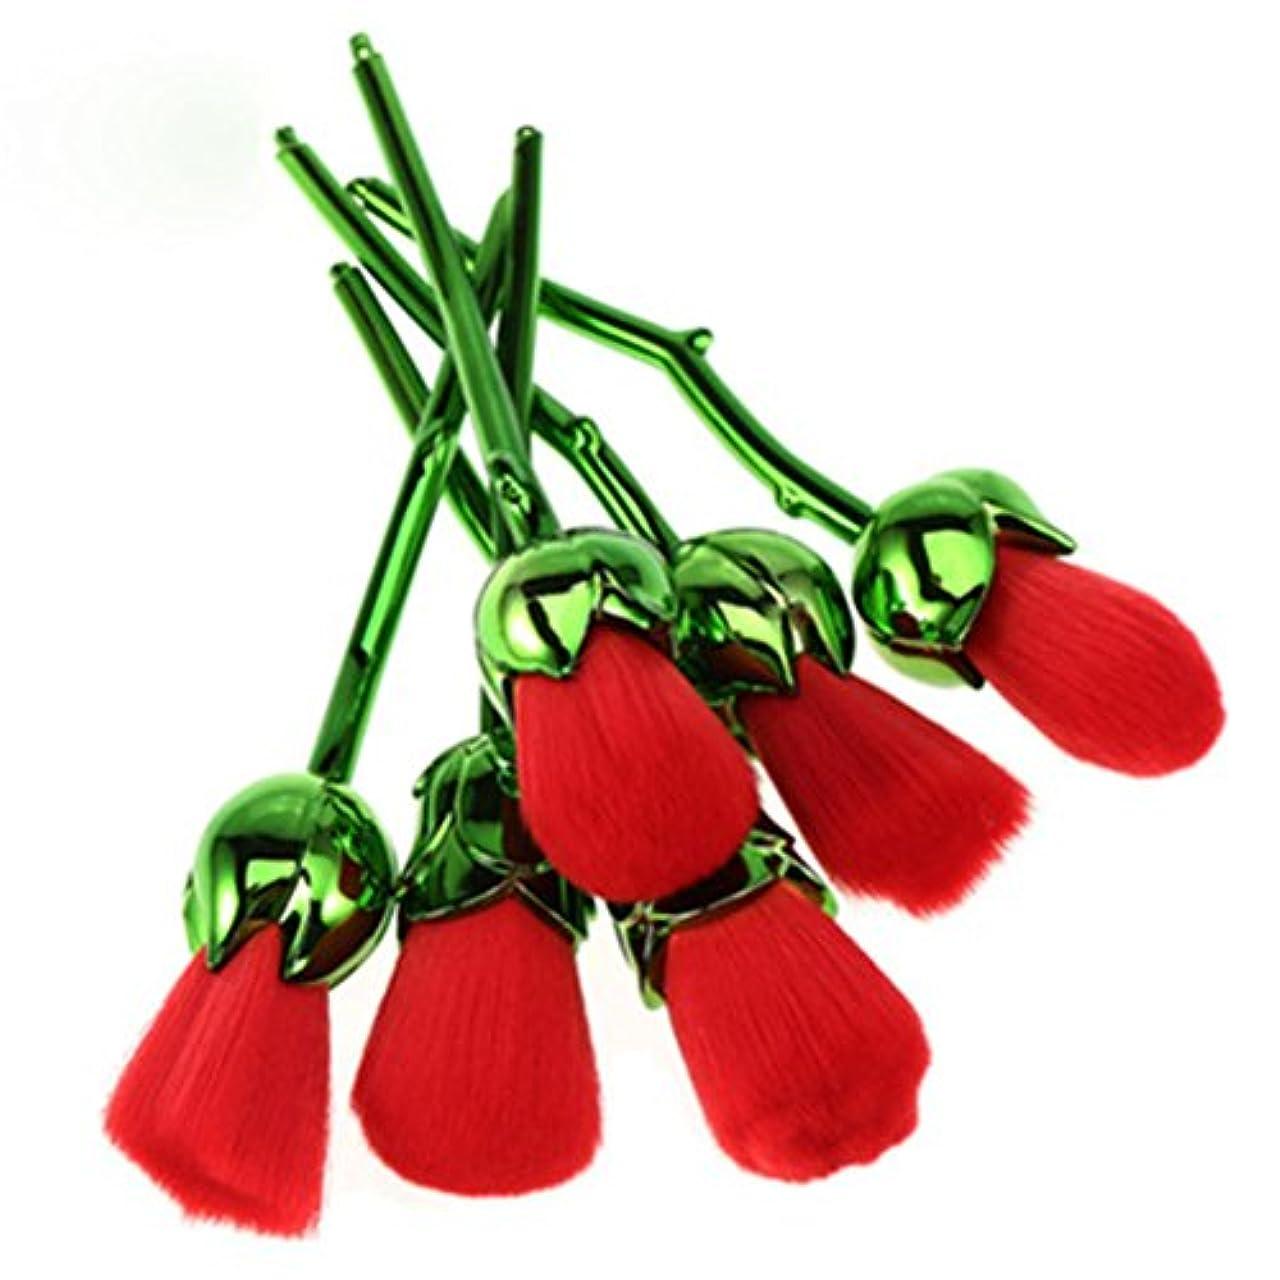 プラス警報保存ディラビューティー(Dilla Beauty) メイクブラシ 薔薇 メイクブラシセット 人気 ファンデーションブラシ 化粧筆 可愛い 化粧ブラシ セット パウダーブラシ フェイスブラシ ローズ メイクブラシ 6本セット ケース付き (グリーン - レッド)